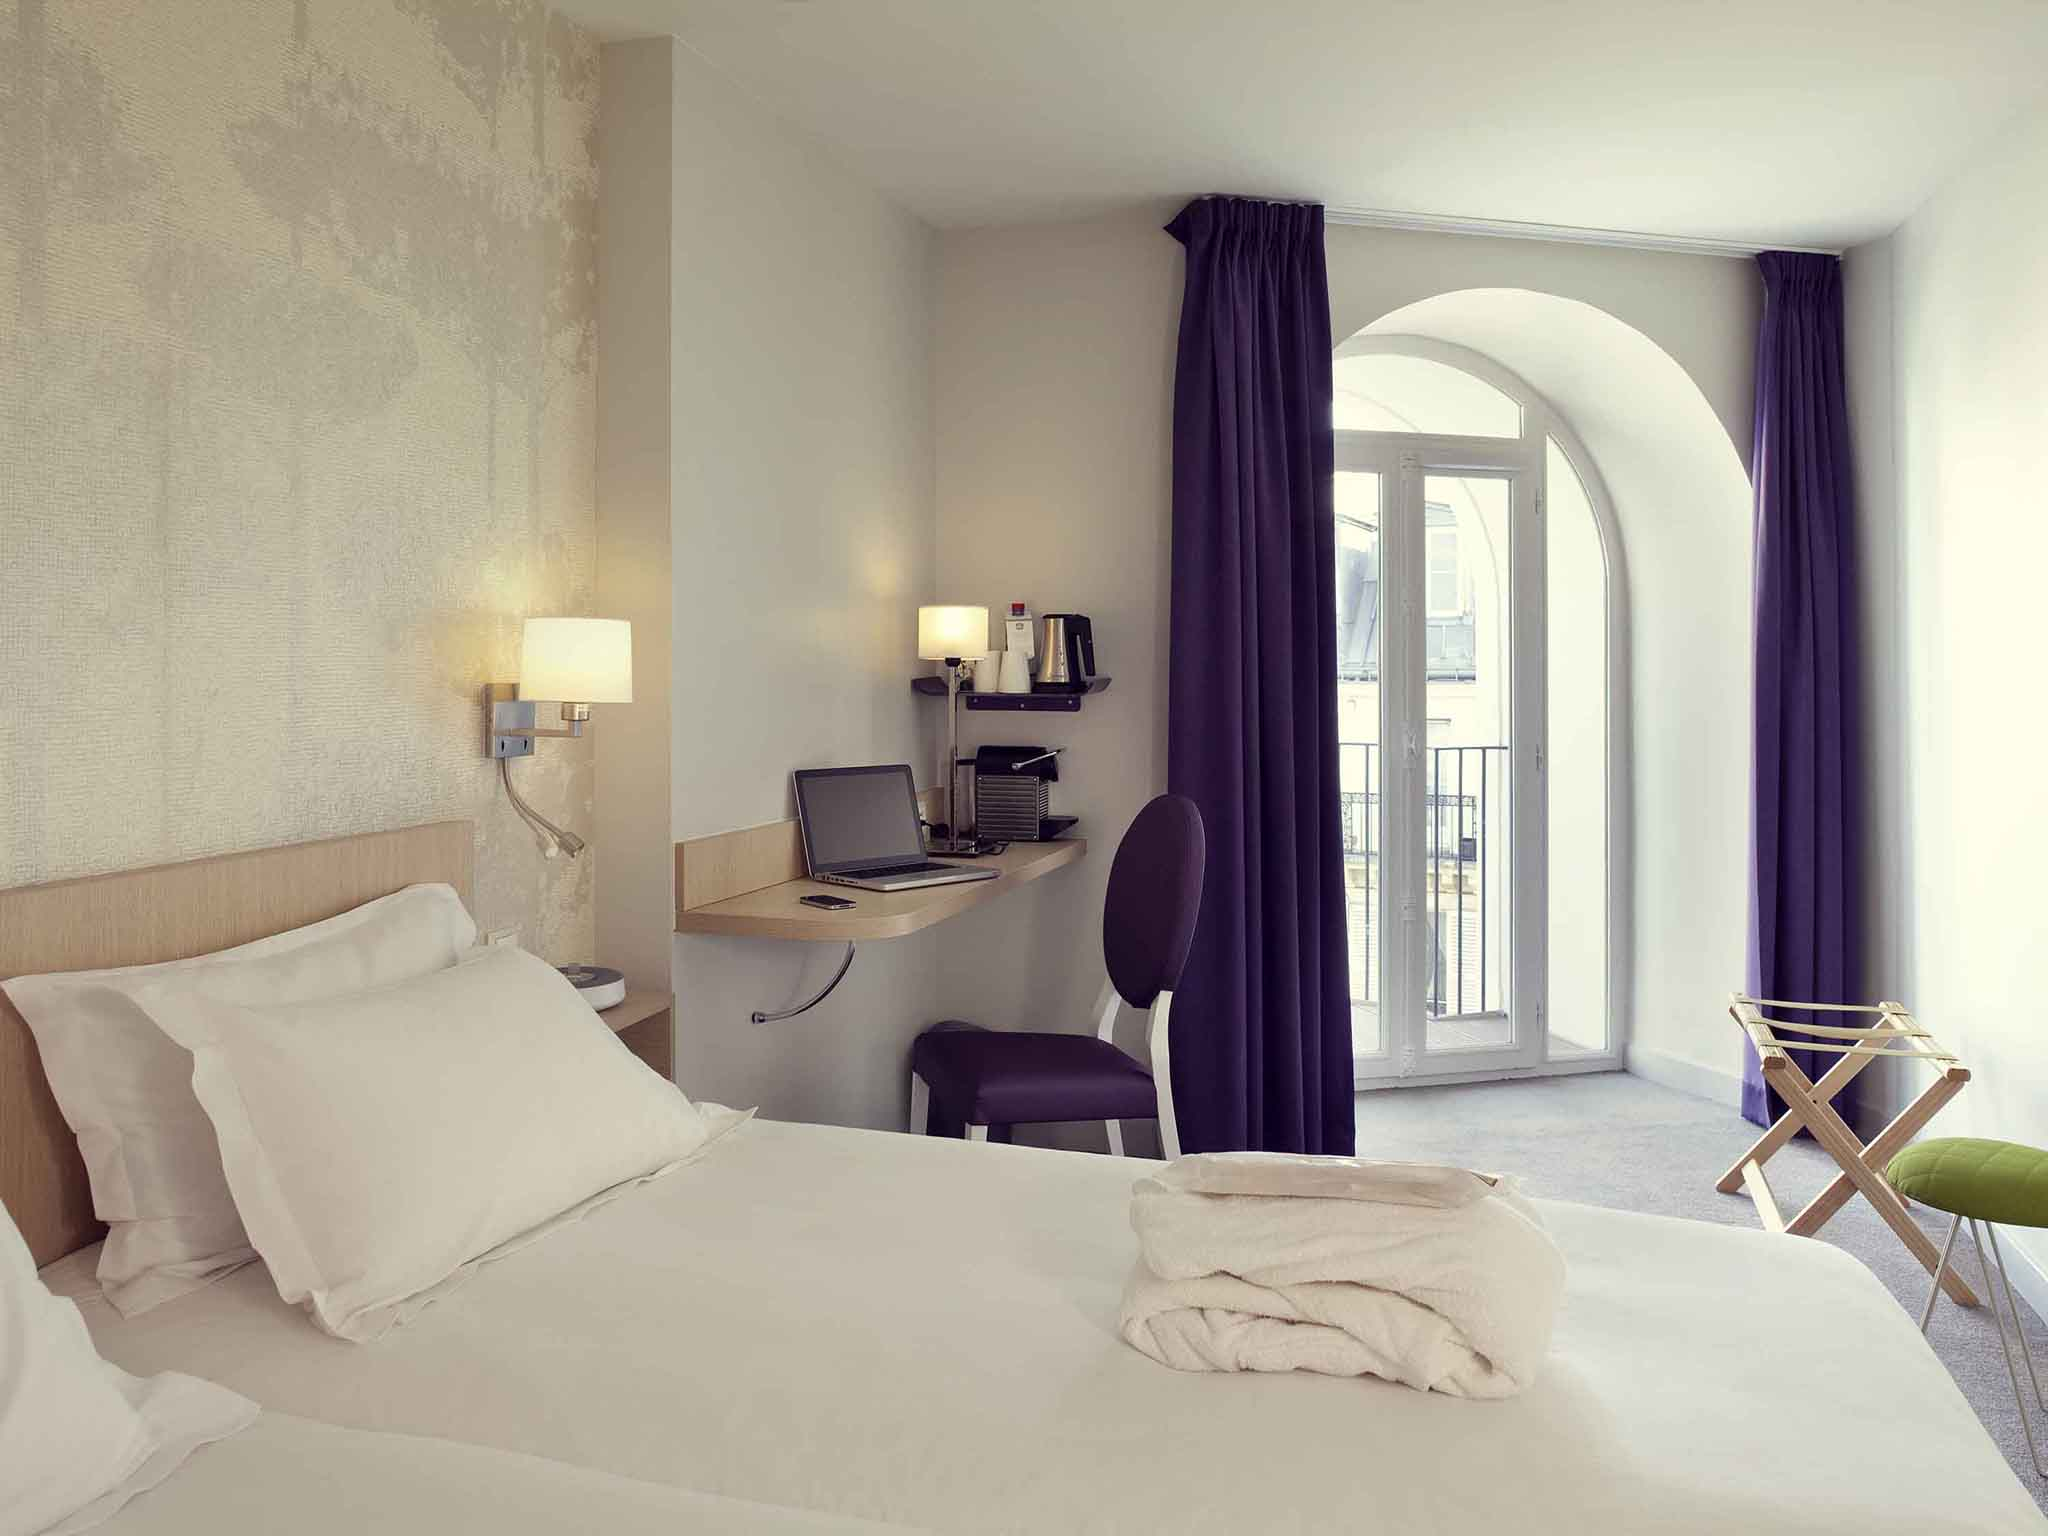 Otel – Hôtel Mercure Paris Notre Dame Saint Germain des Prés